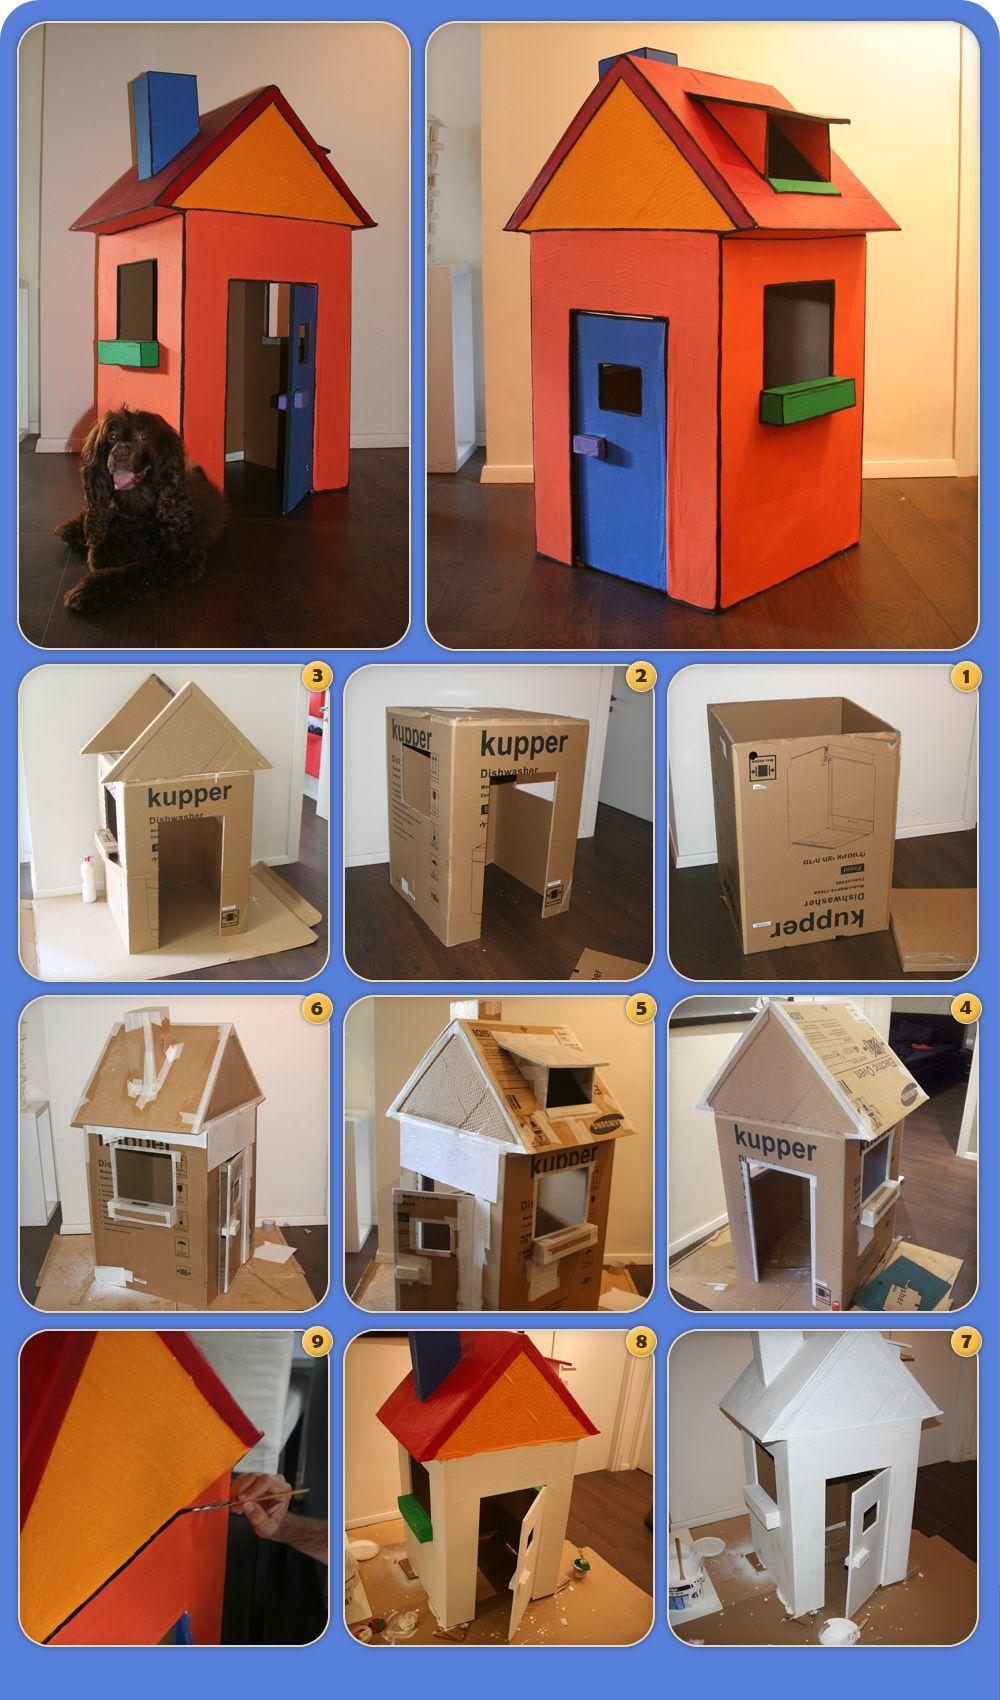 Casas De Cartón Para Niños Casas De Cartón Casas De Cajas De Cartón Casa De Cartón